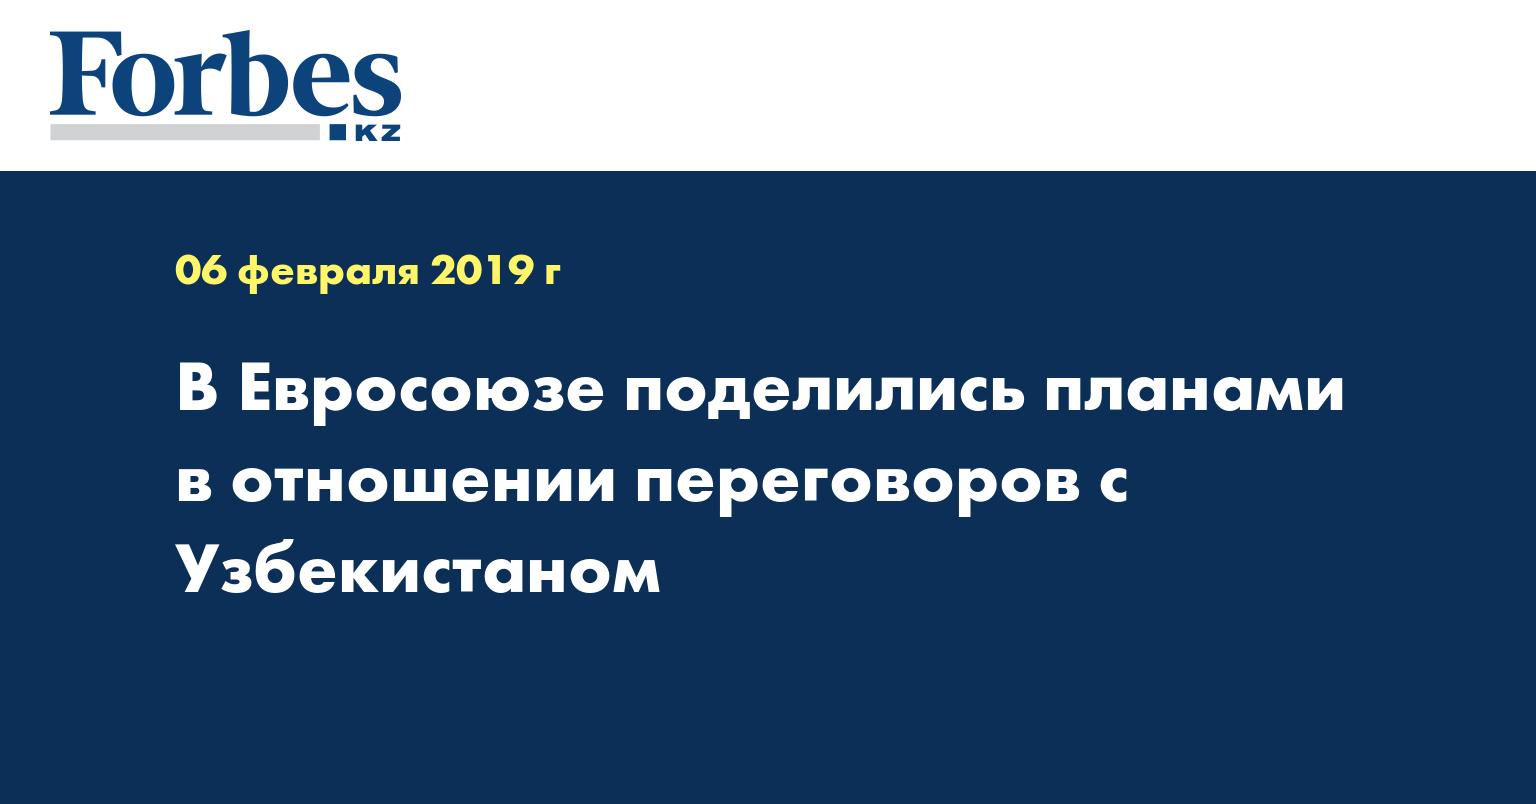 В Евросоюзе поделились планами в отношении переговоров с Узбекистаном